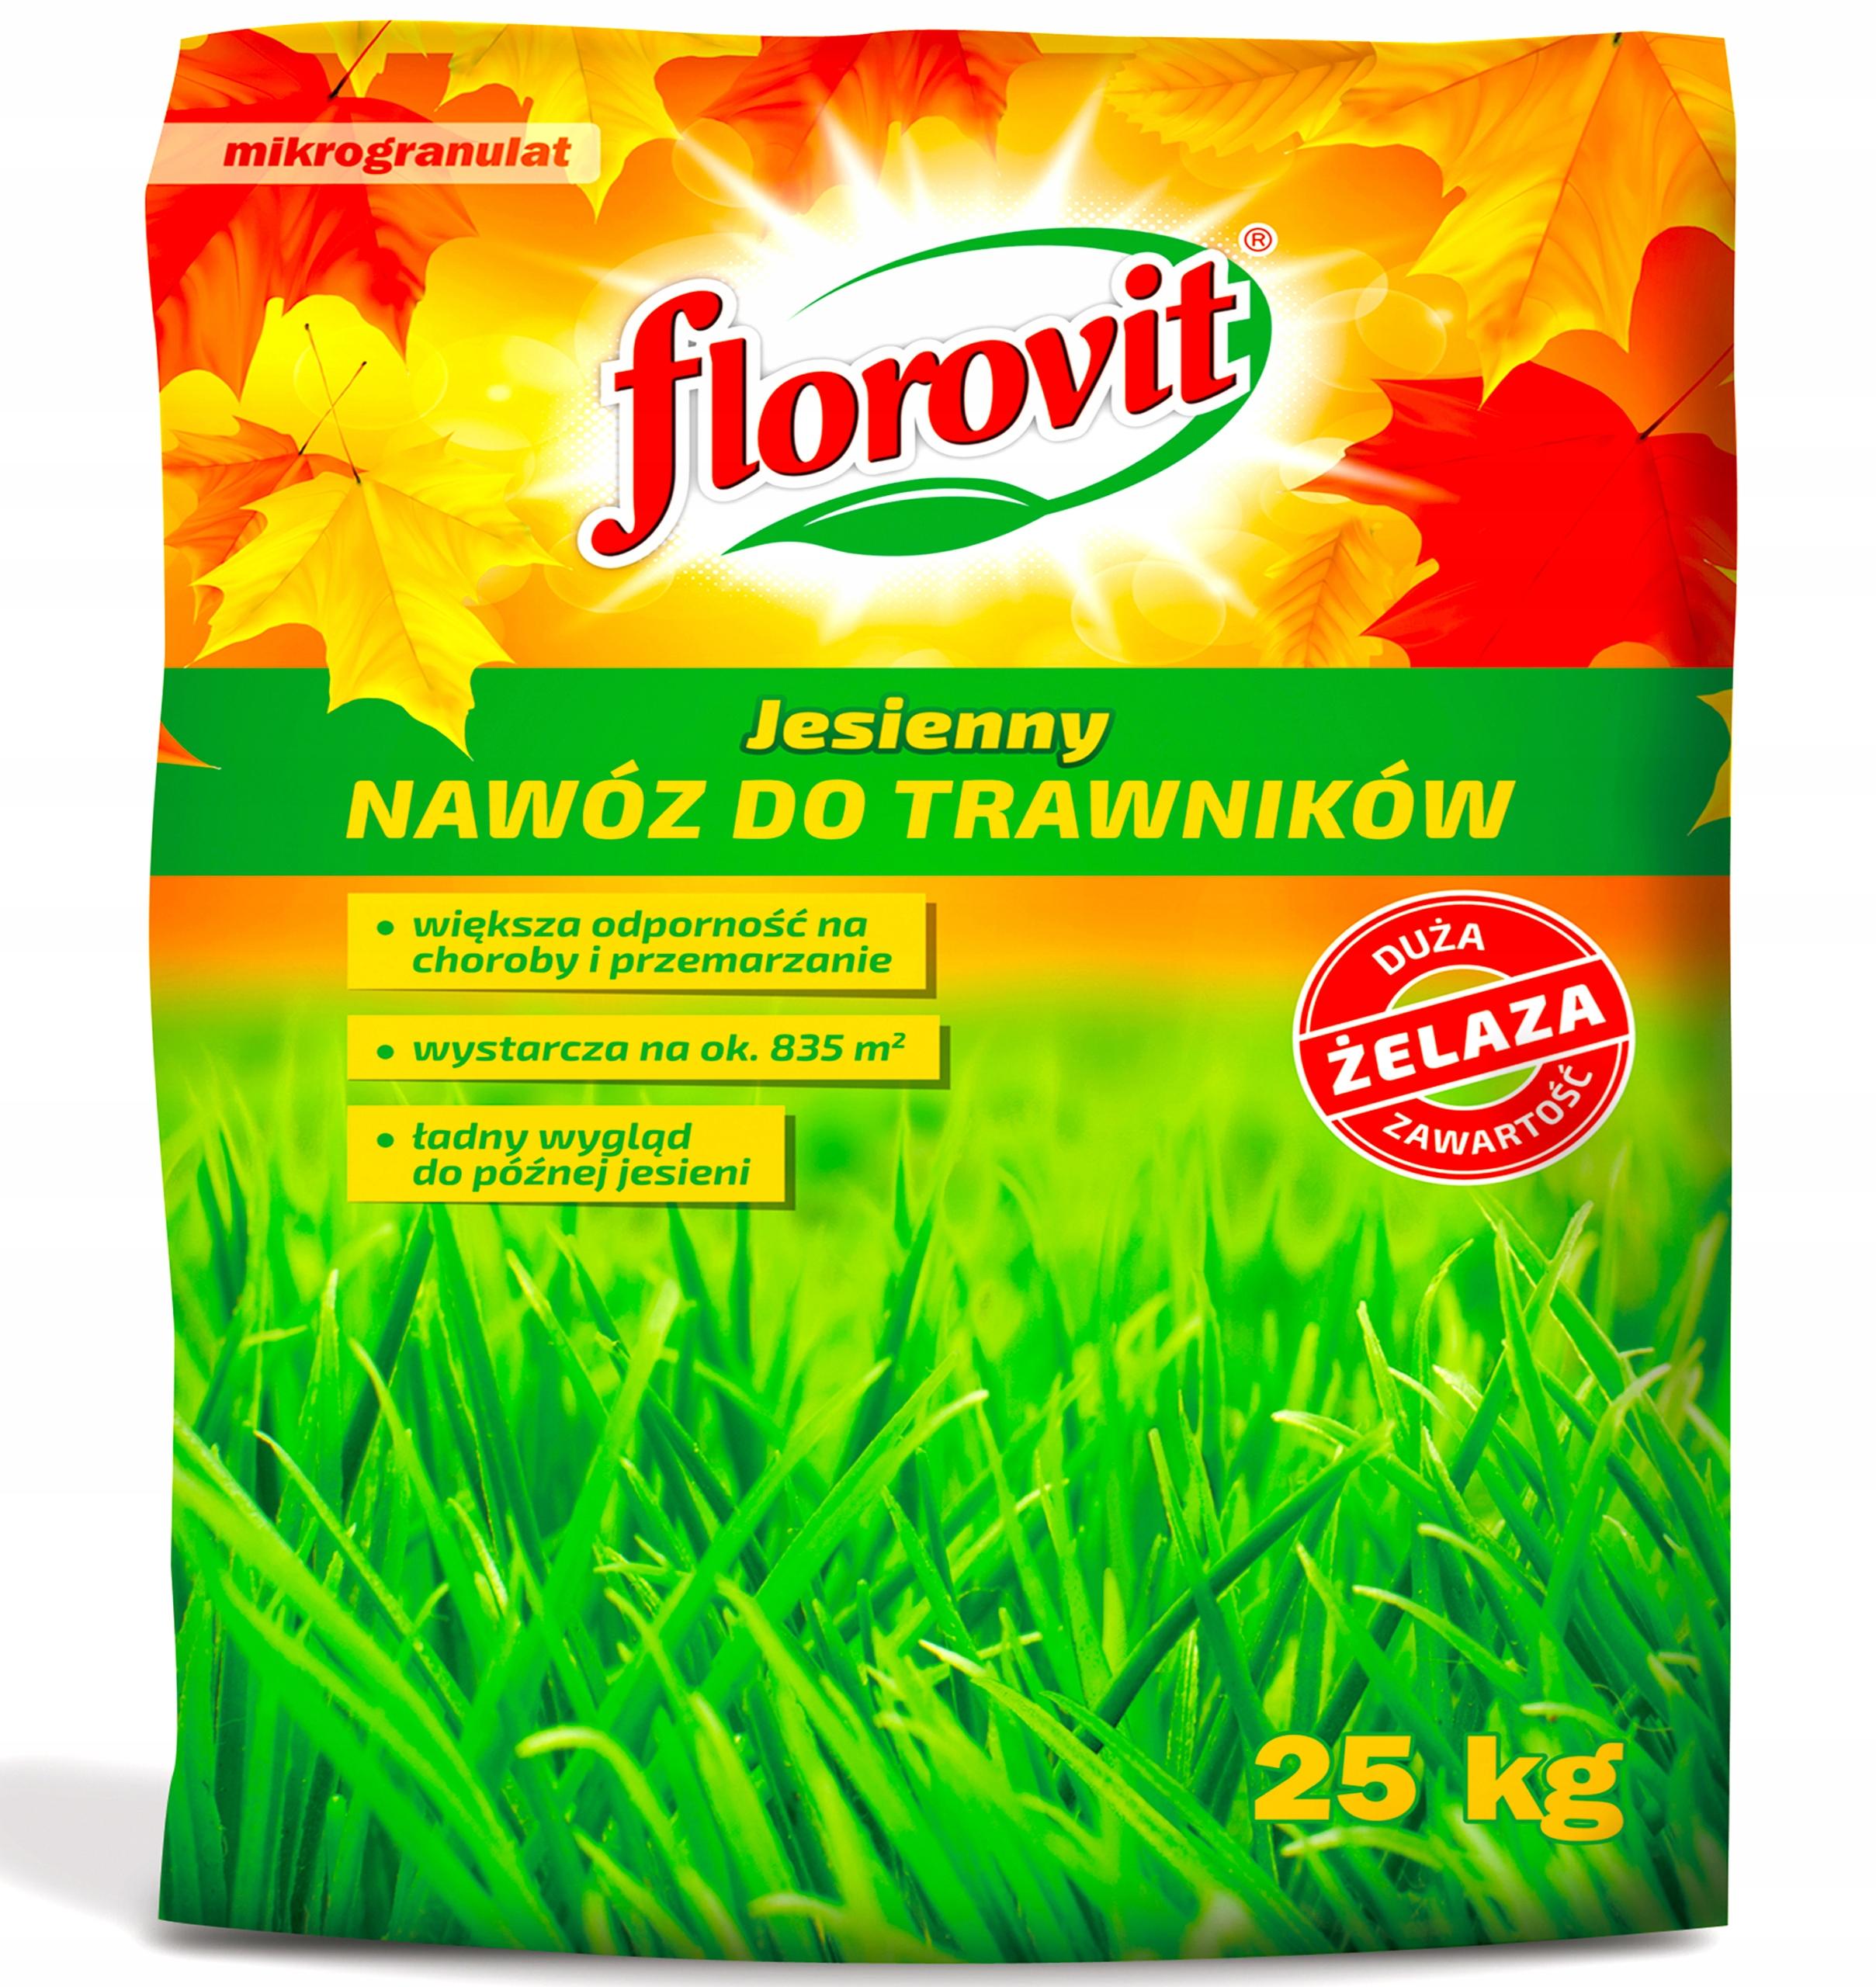 ФЛОРОВИТ AUTUMN GRASS FERTILIZER LAWN 25кг